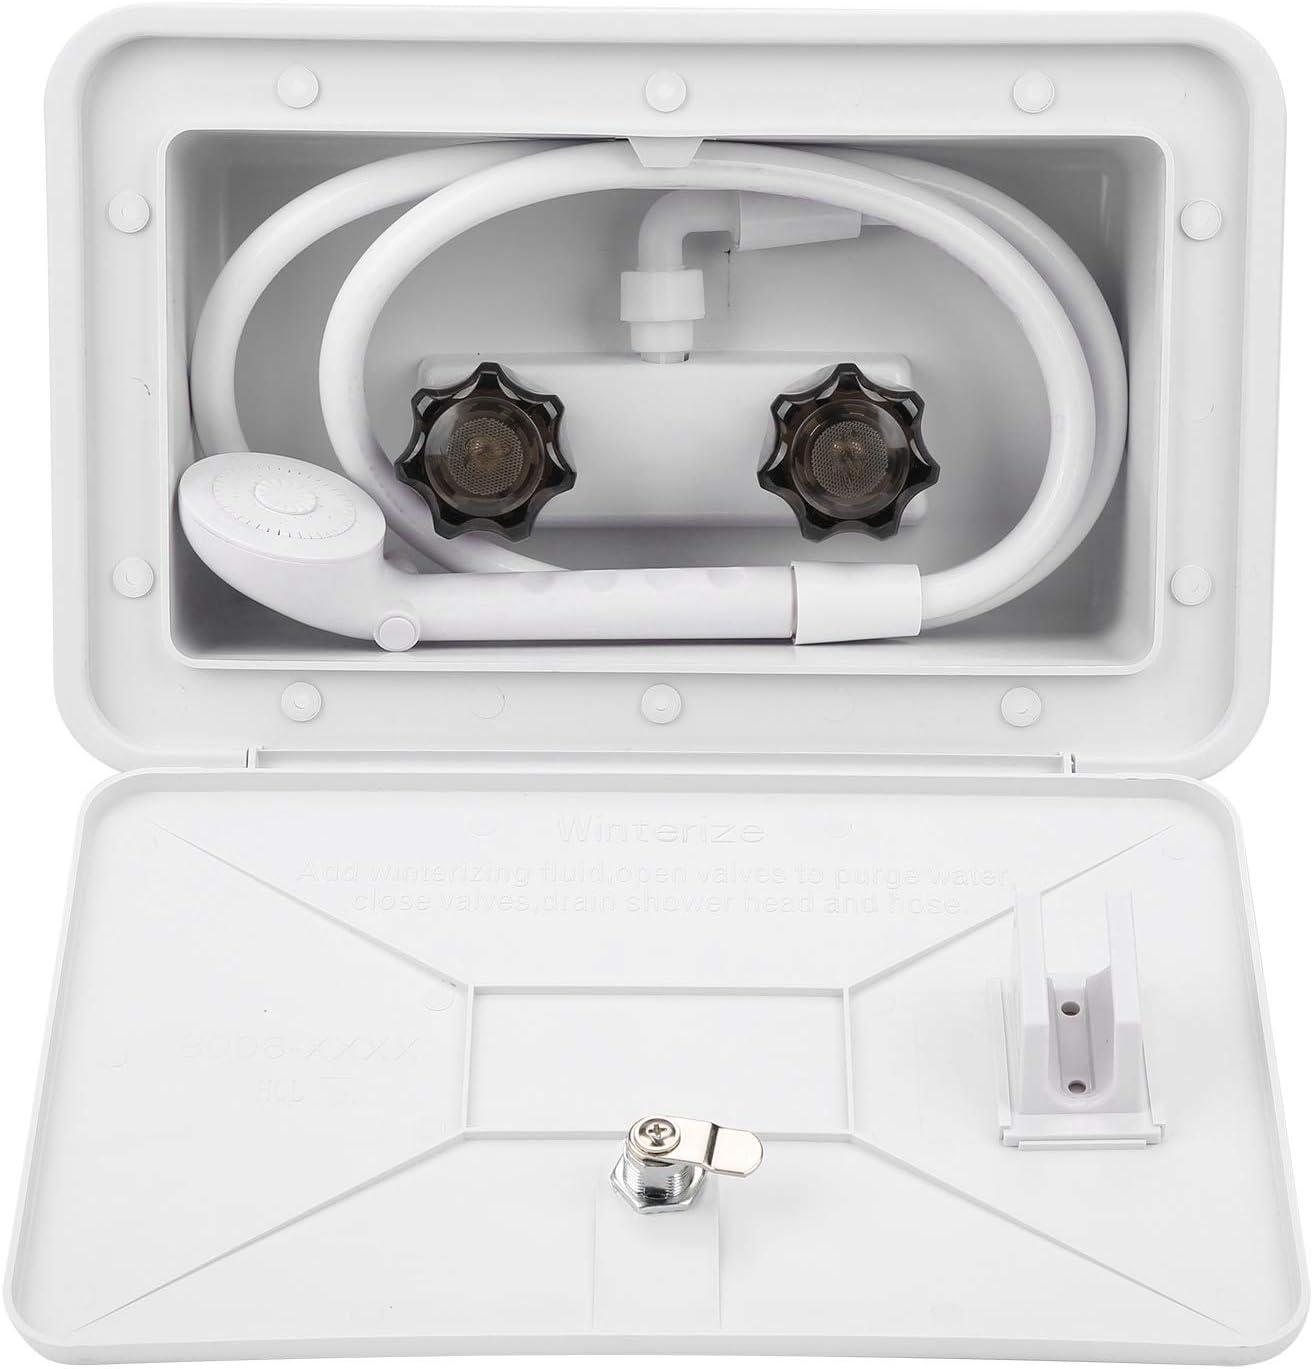 zhuolong Caja de Ducha Exterior Kit de Lavado al Aire Libre con Accesorio de Cerradura para Autocaravana de Barco